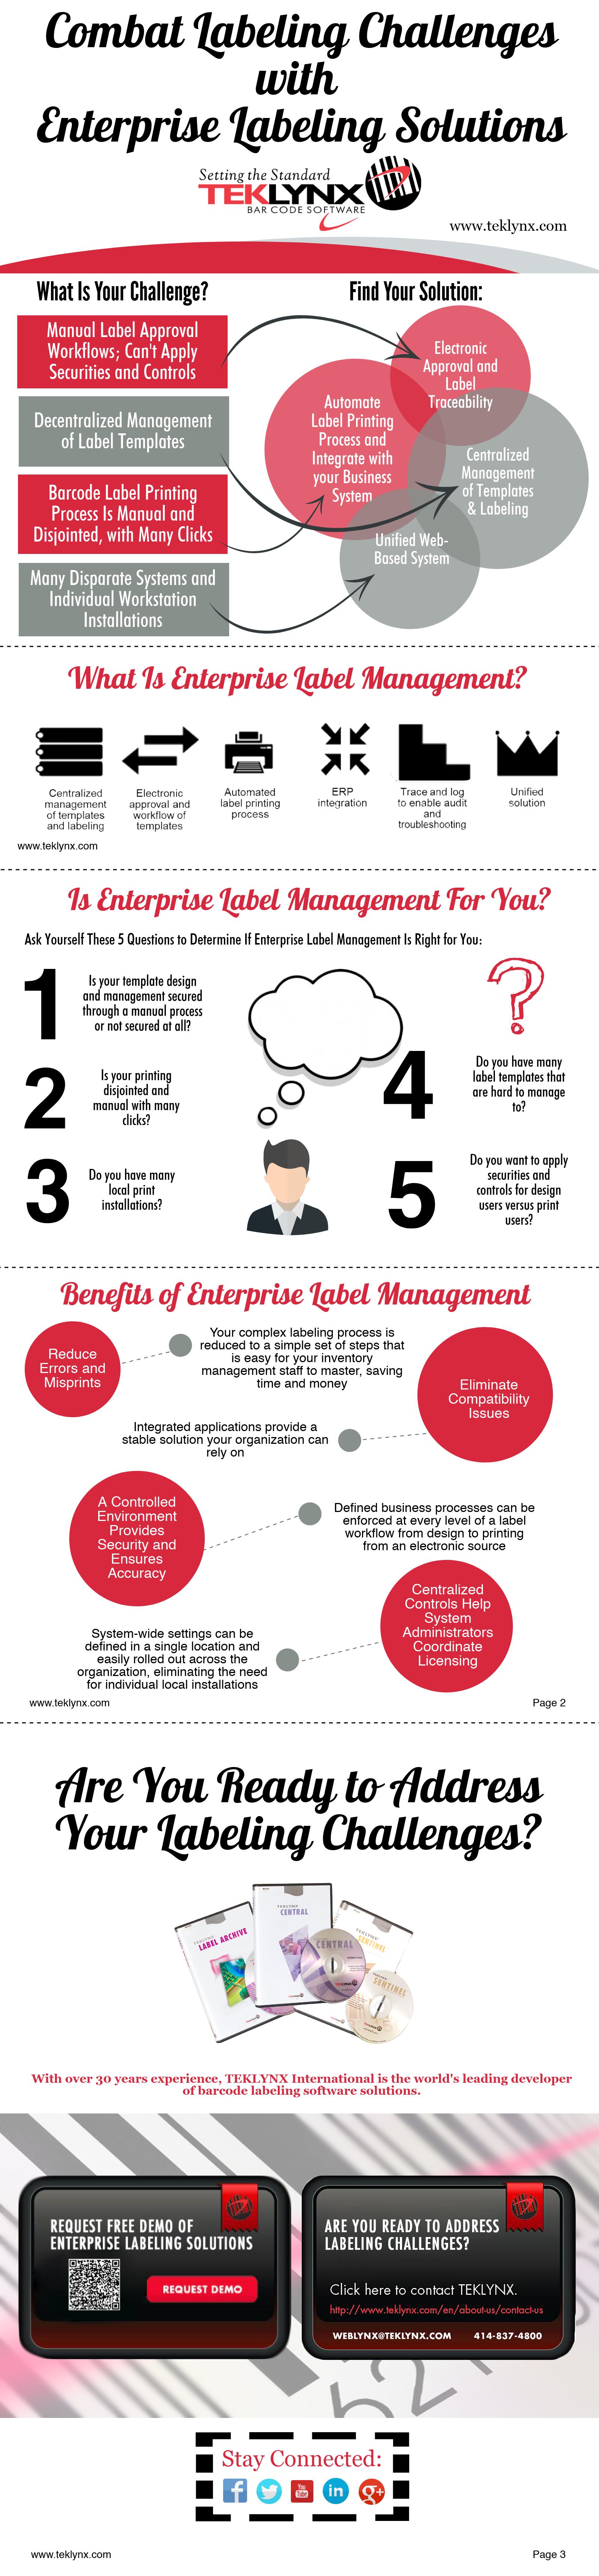 Infográfico: Combater Desafios da Etiquetagem com Soluções de Etiquetagem Corporativa